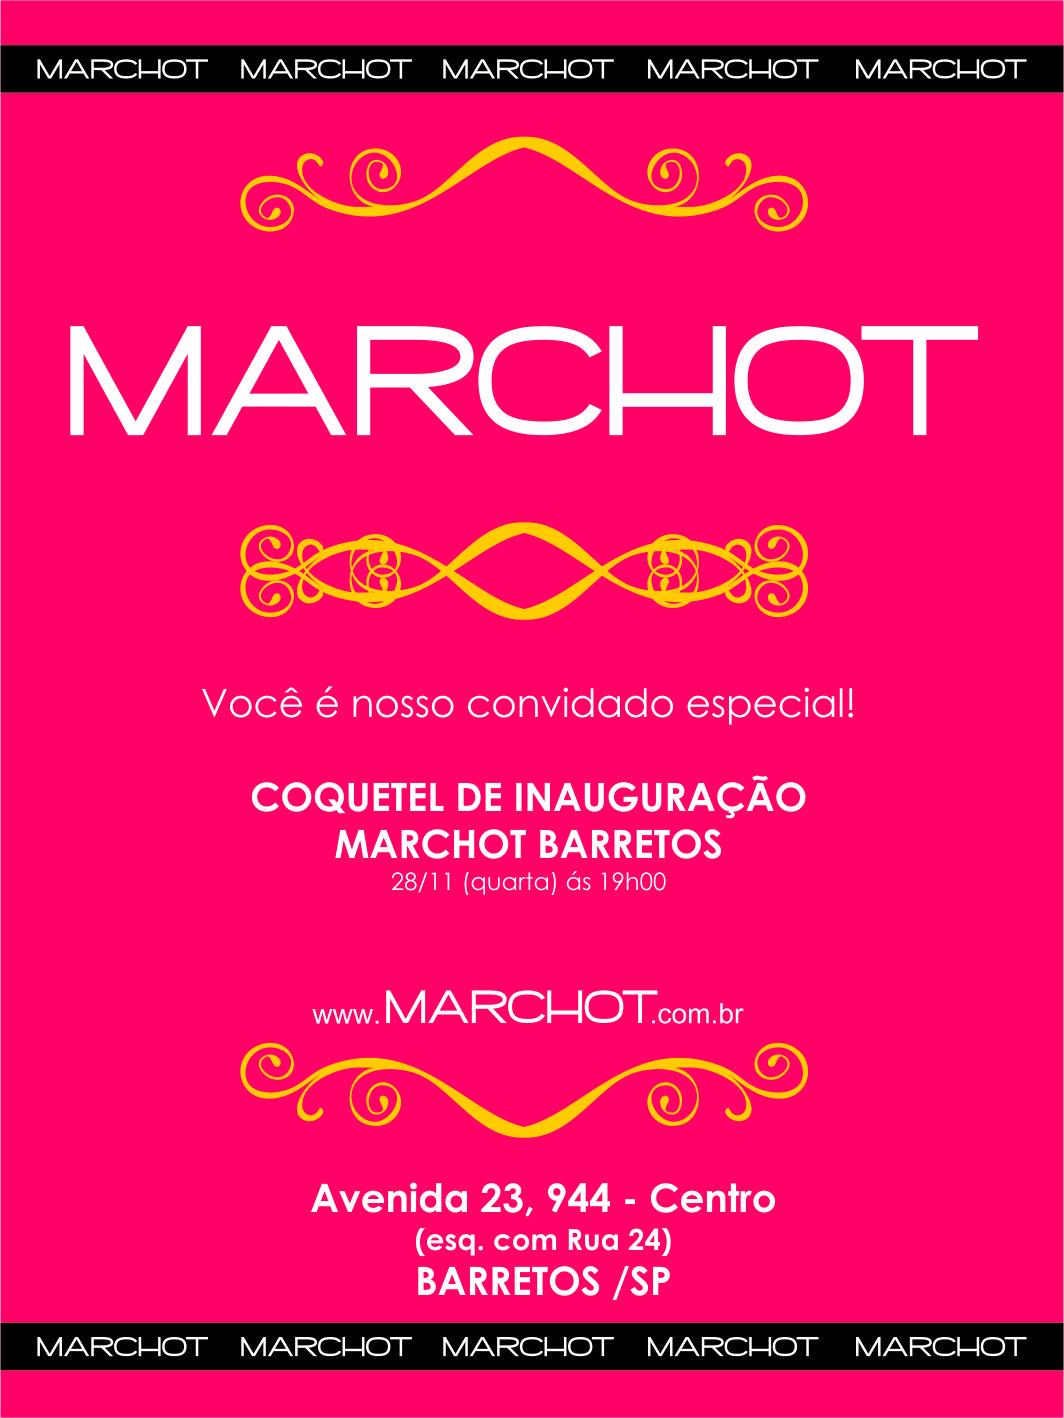 Convite para inauguração Marchot Barretos (Back)